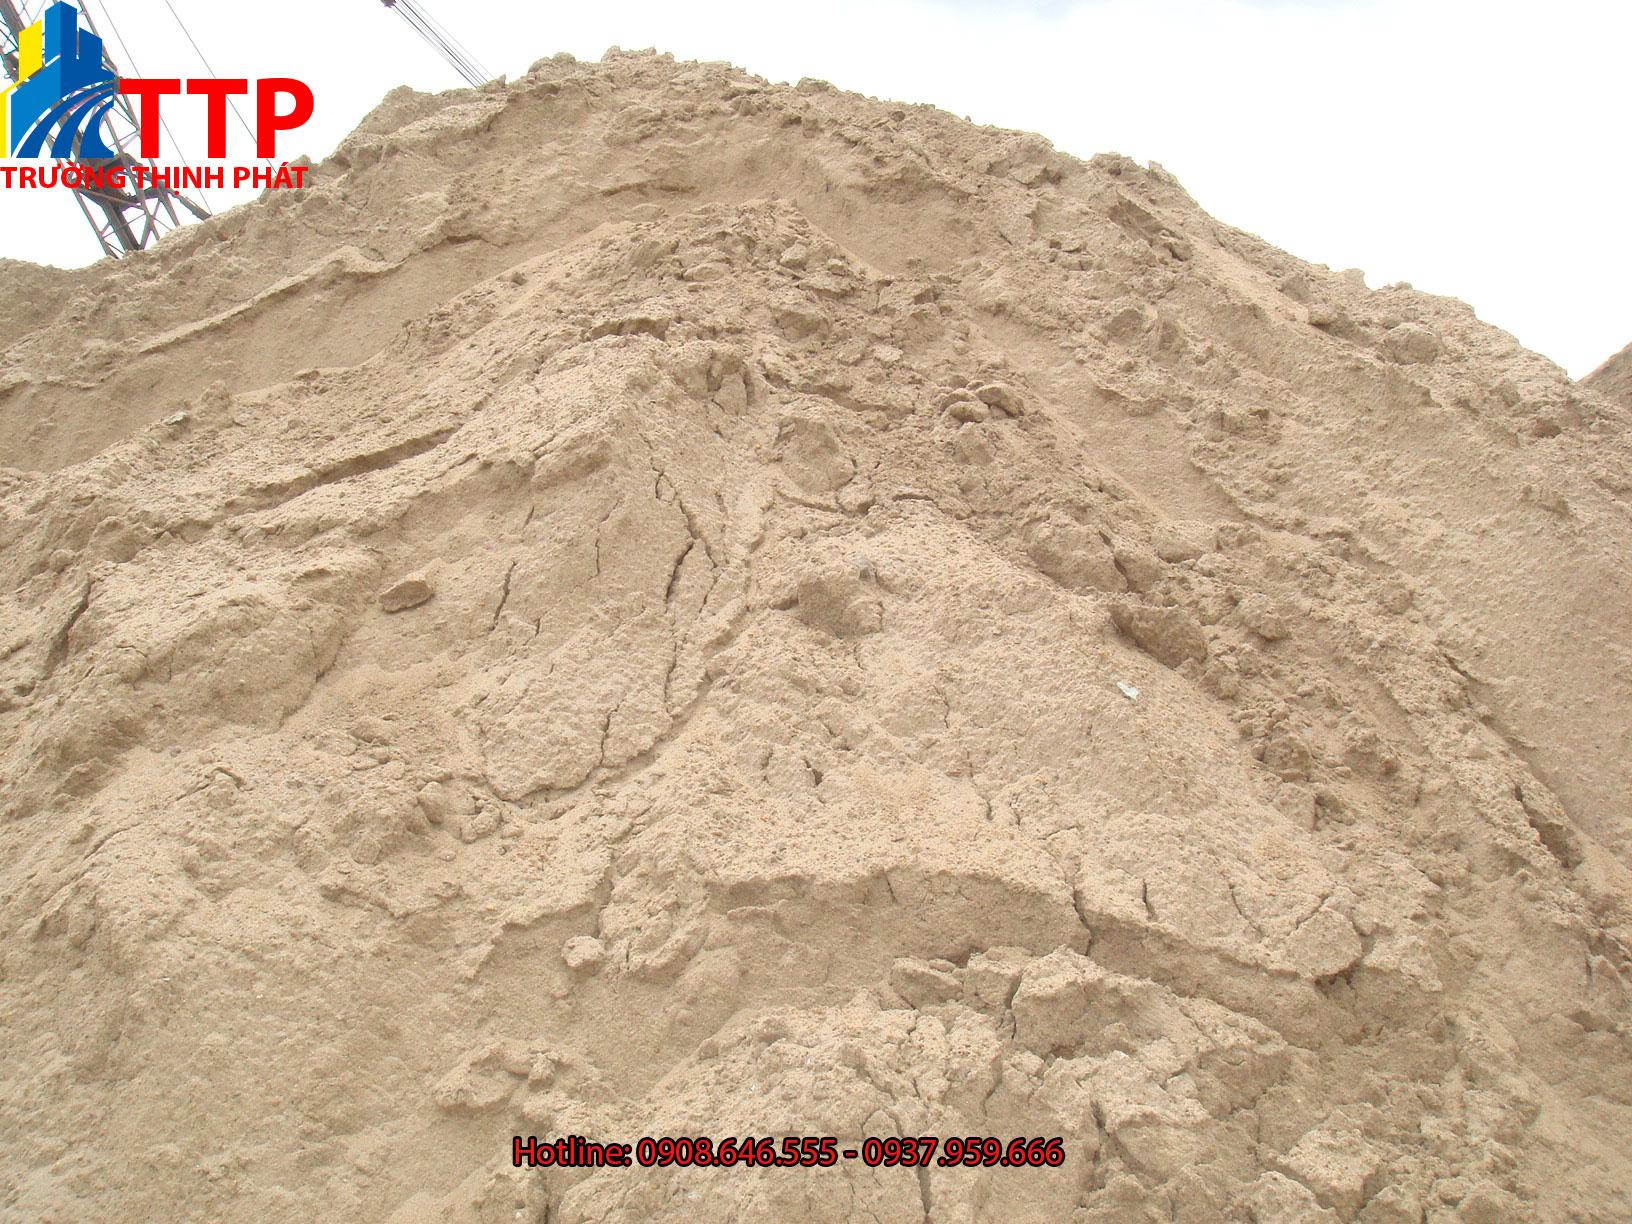 Báo Giá cát xây dựng Thành Phố Thủ Dầu Một tỉnh Bình Dương